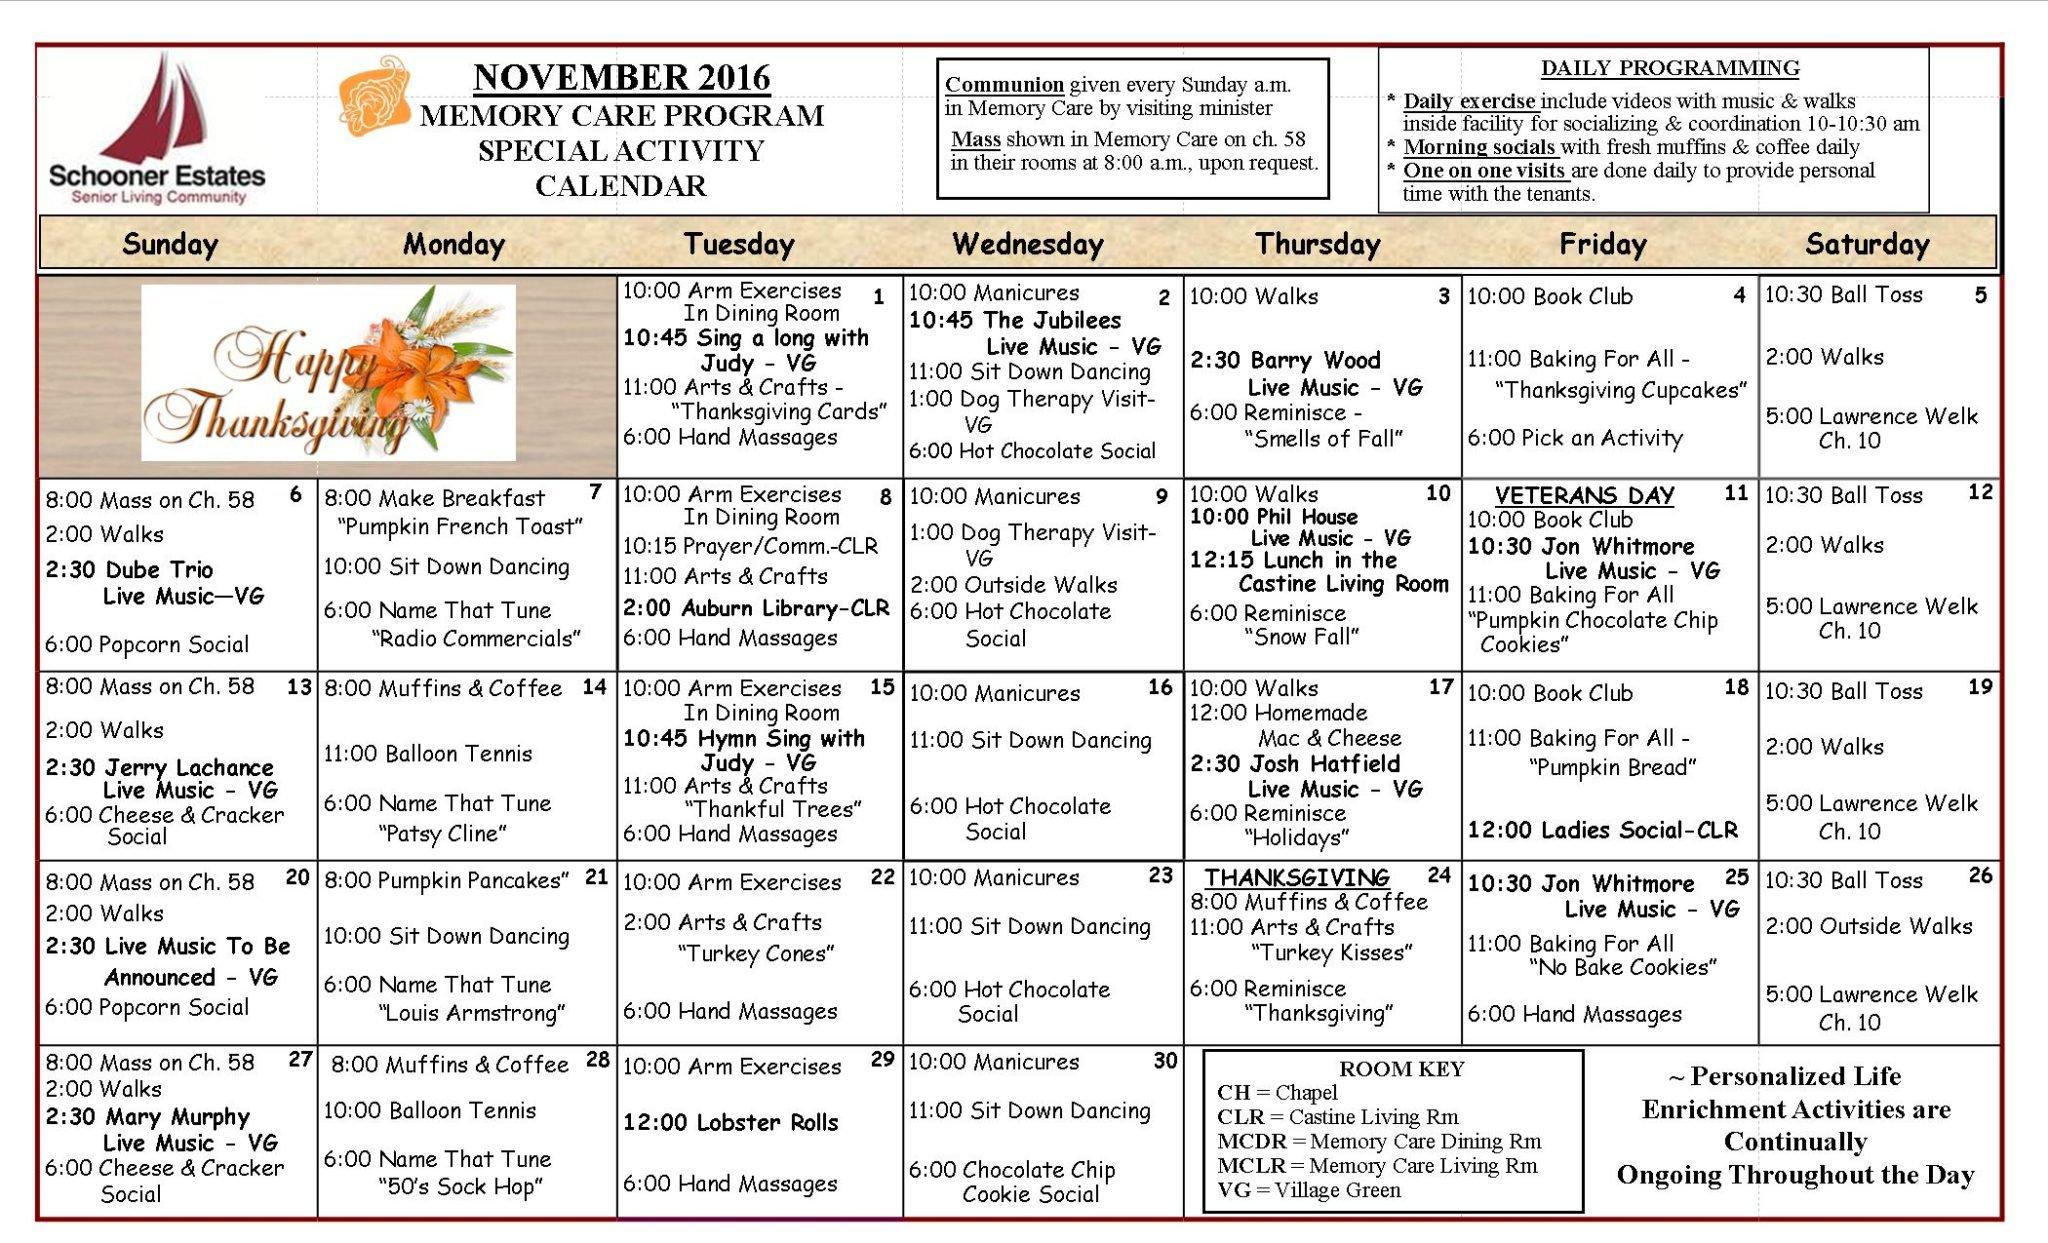 november-2016-memory-care-activity-calendar